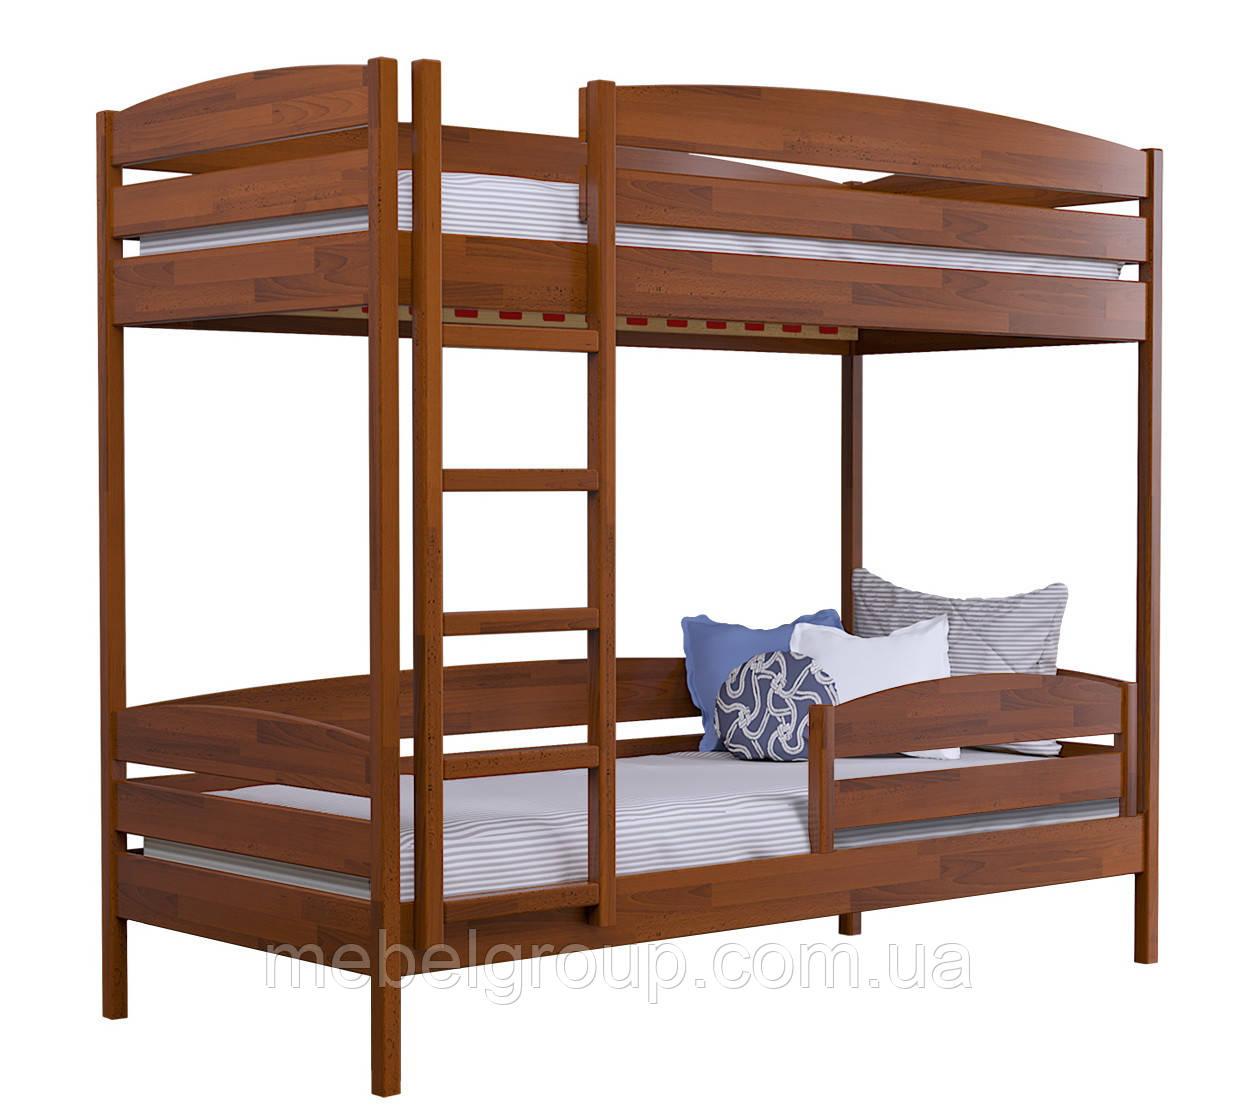 Двоярусне ліжко Дует Плюс 80х190 Щит (Без ящиків + захисний бортик)